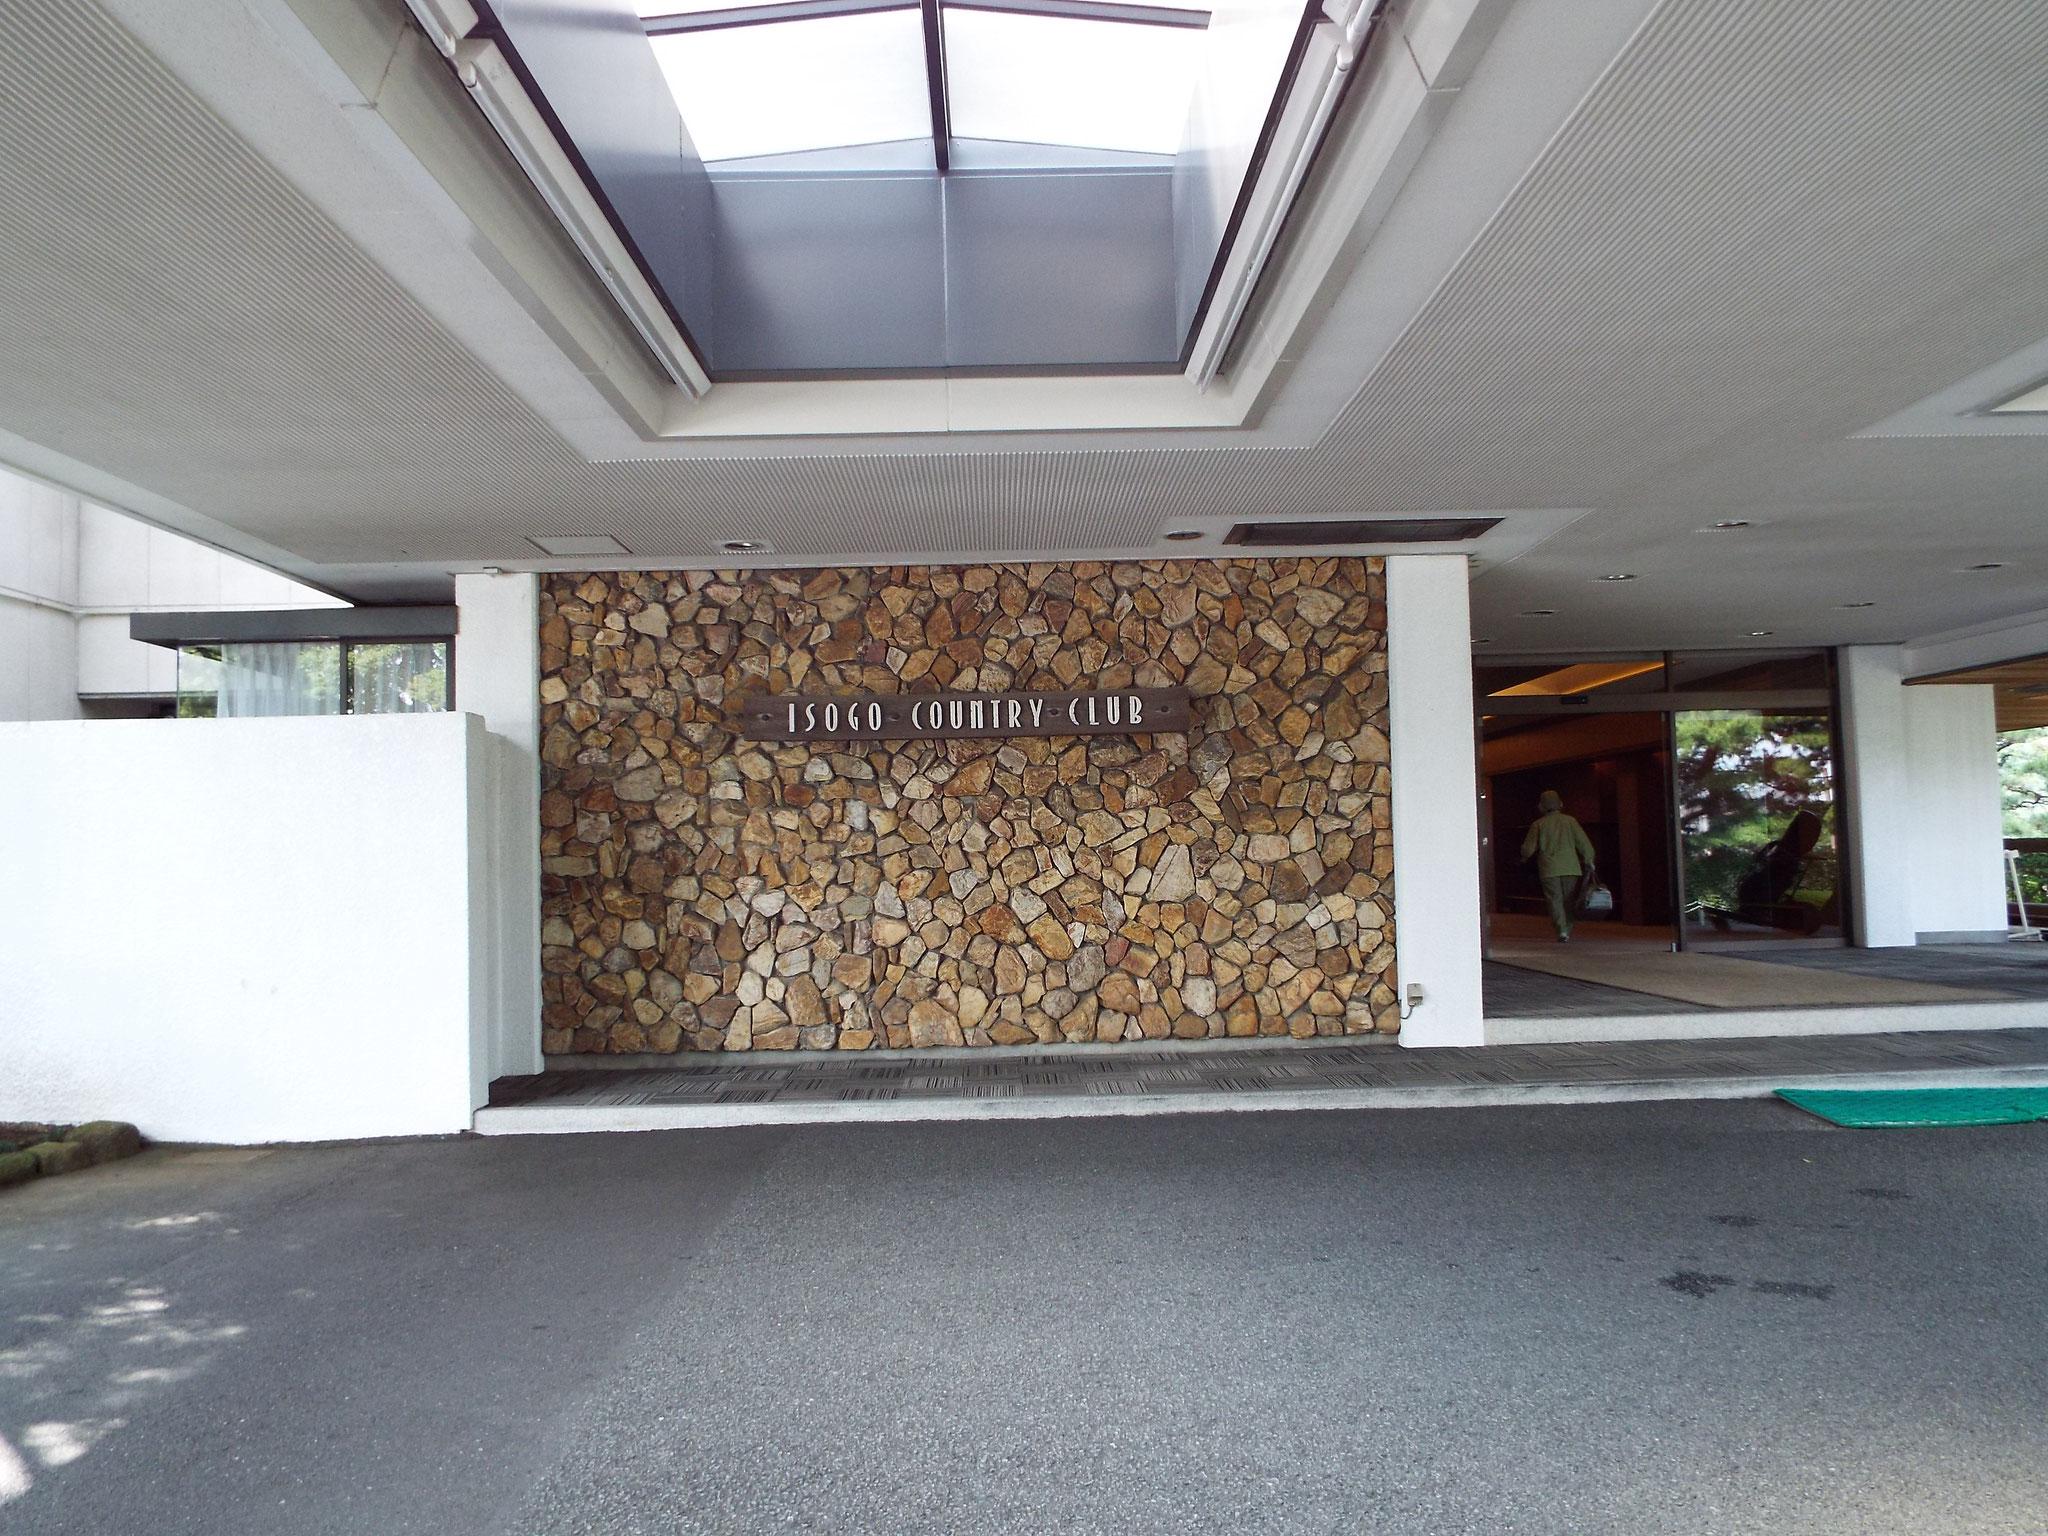 19回鎌倉6大学は鎌倉法友会のお世話で